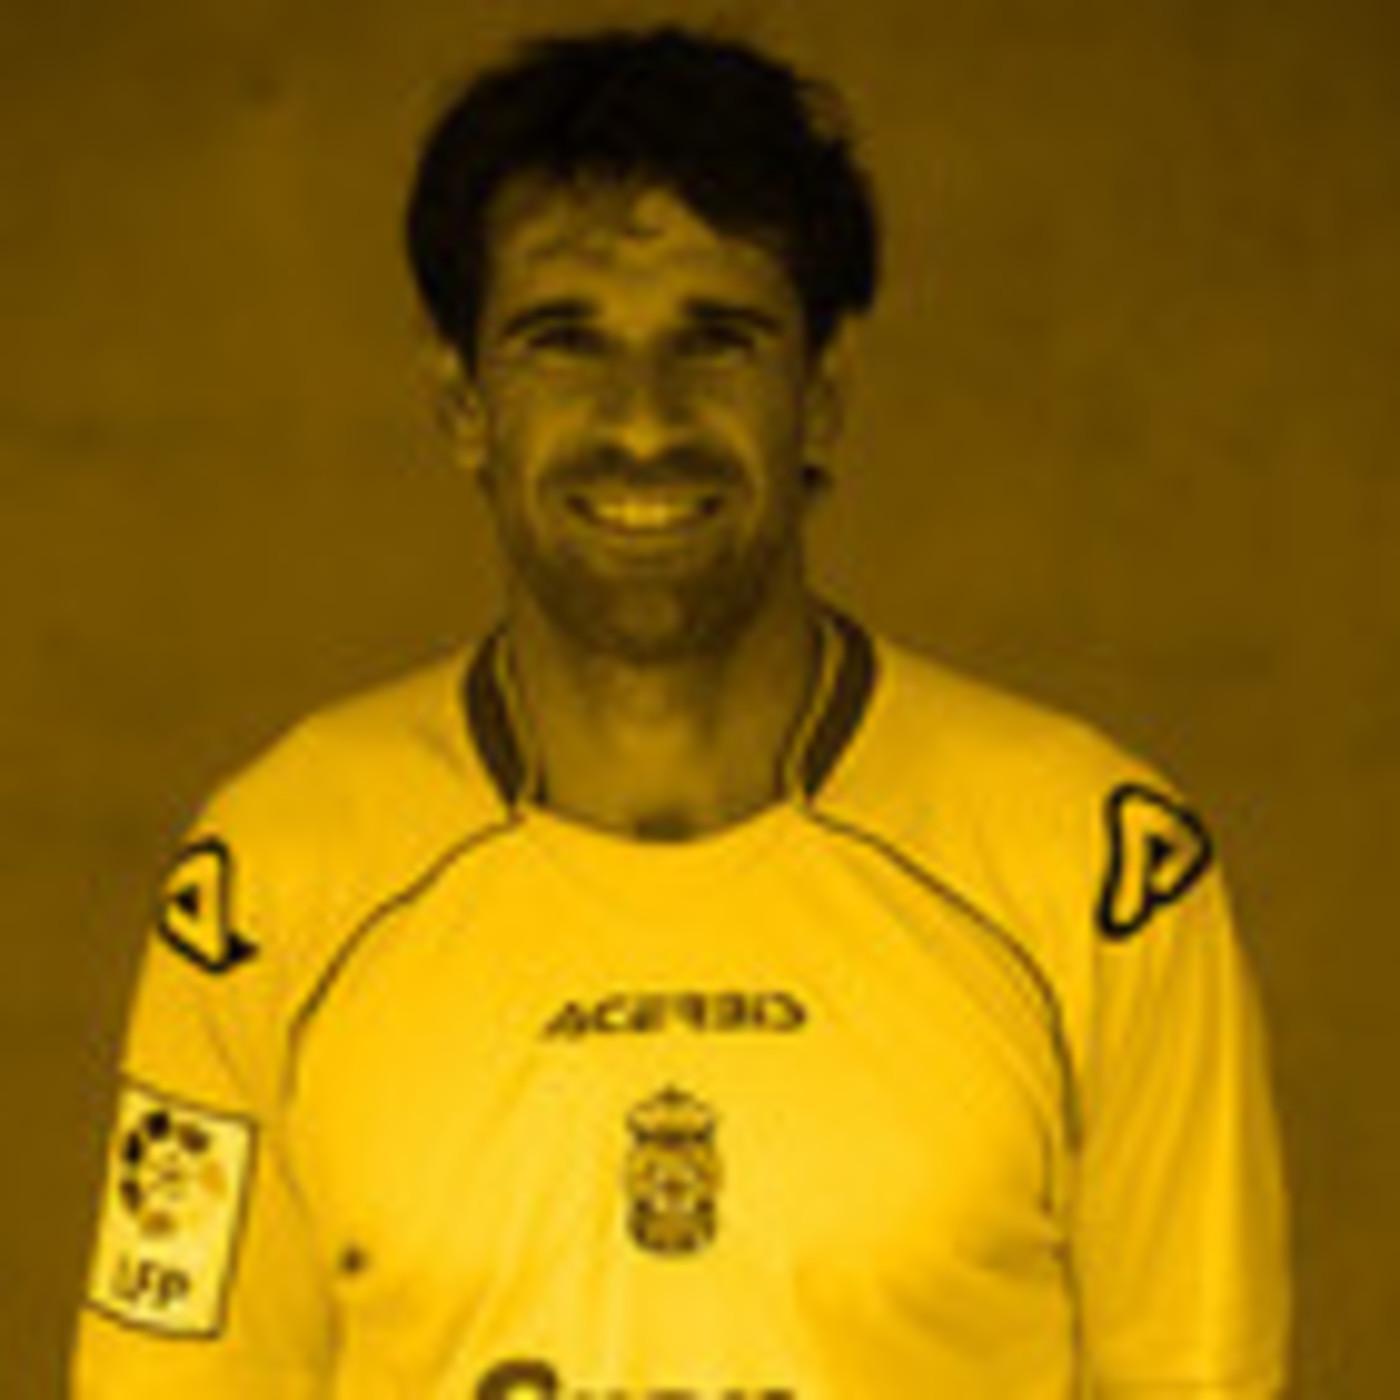 Juan Carlos Valerón - Entrevista 'Coruña Deportiva' de la Cadena SER - 28.01.2020